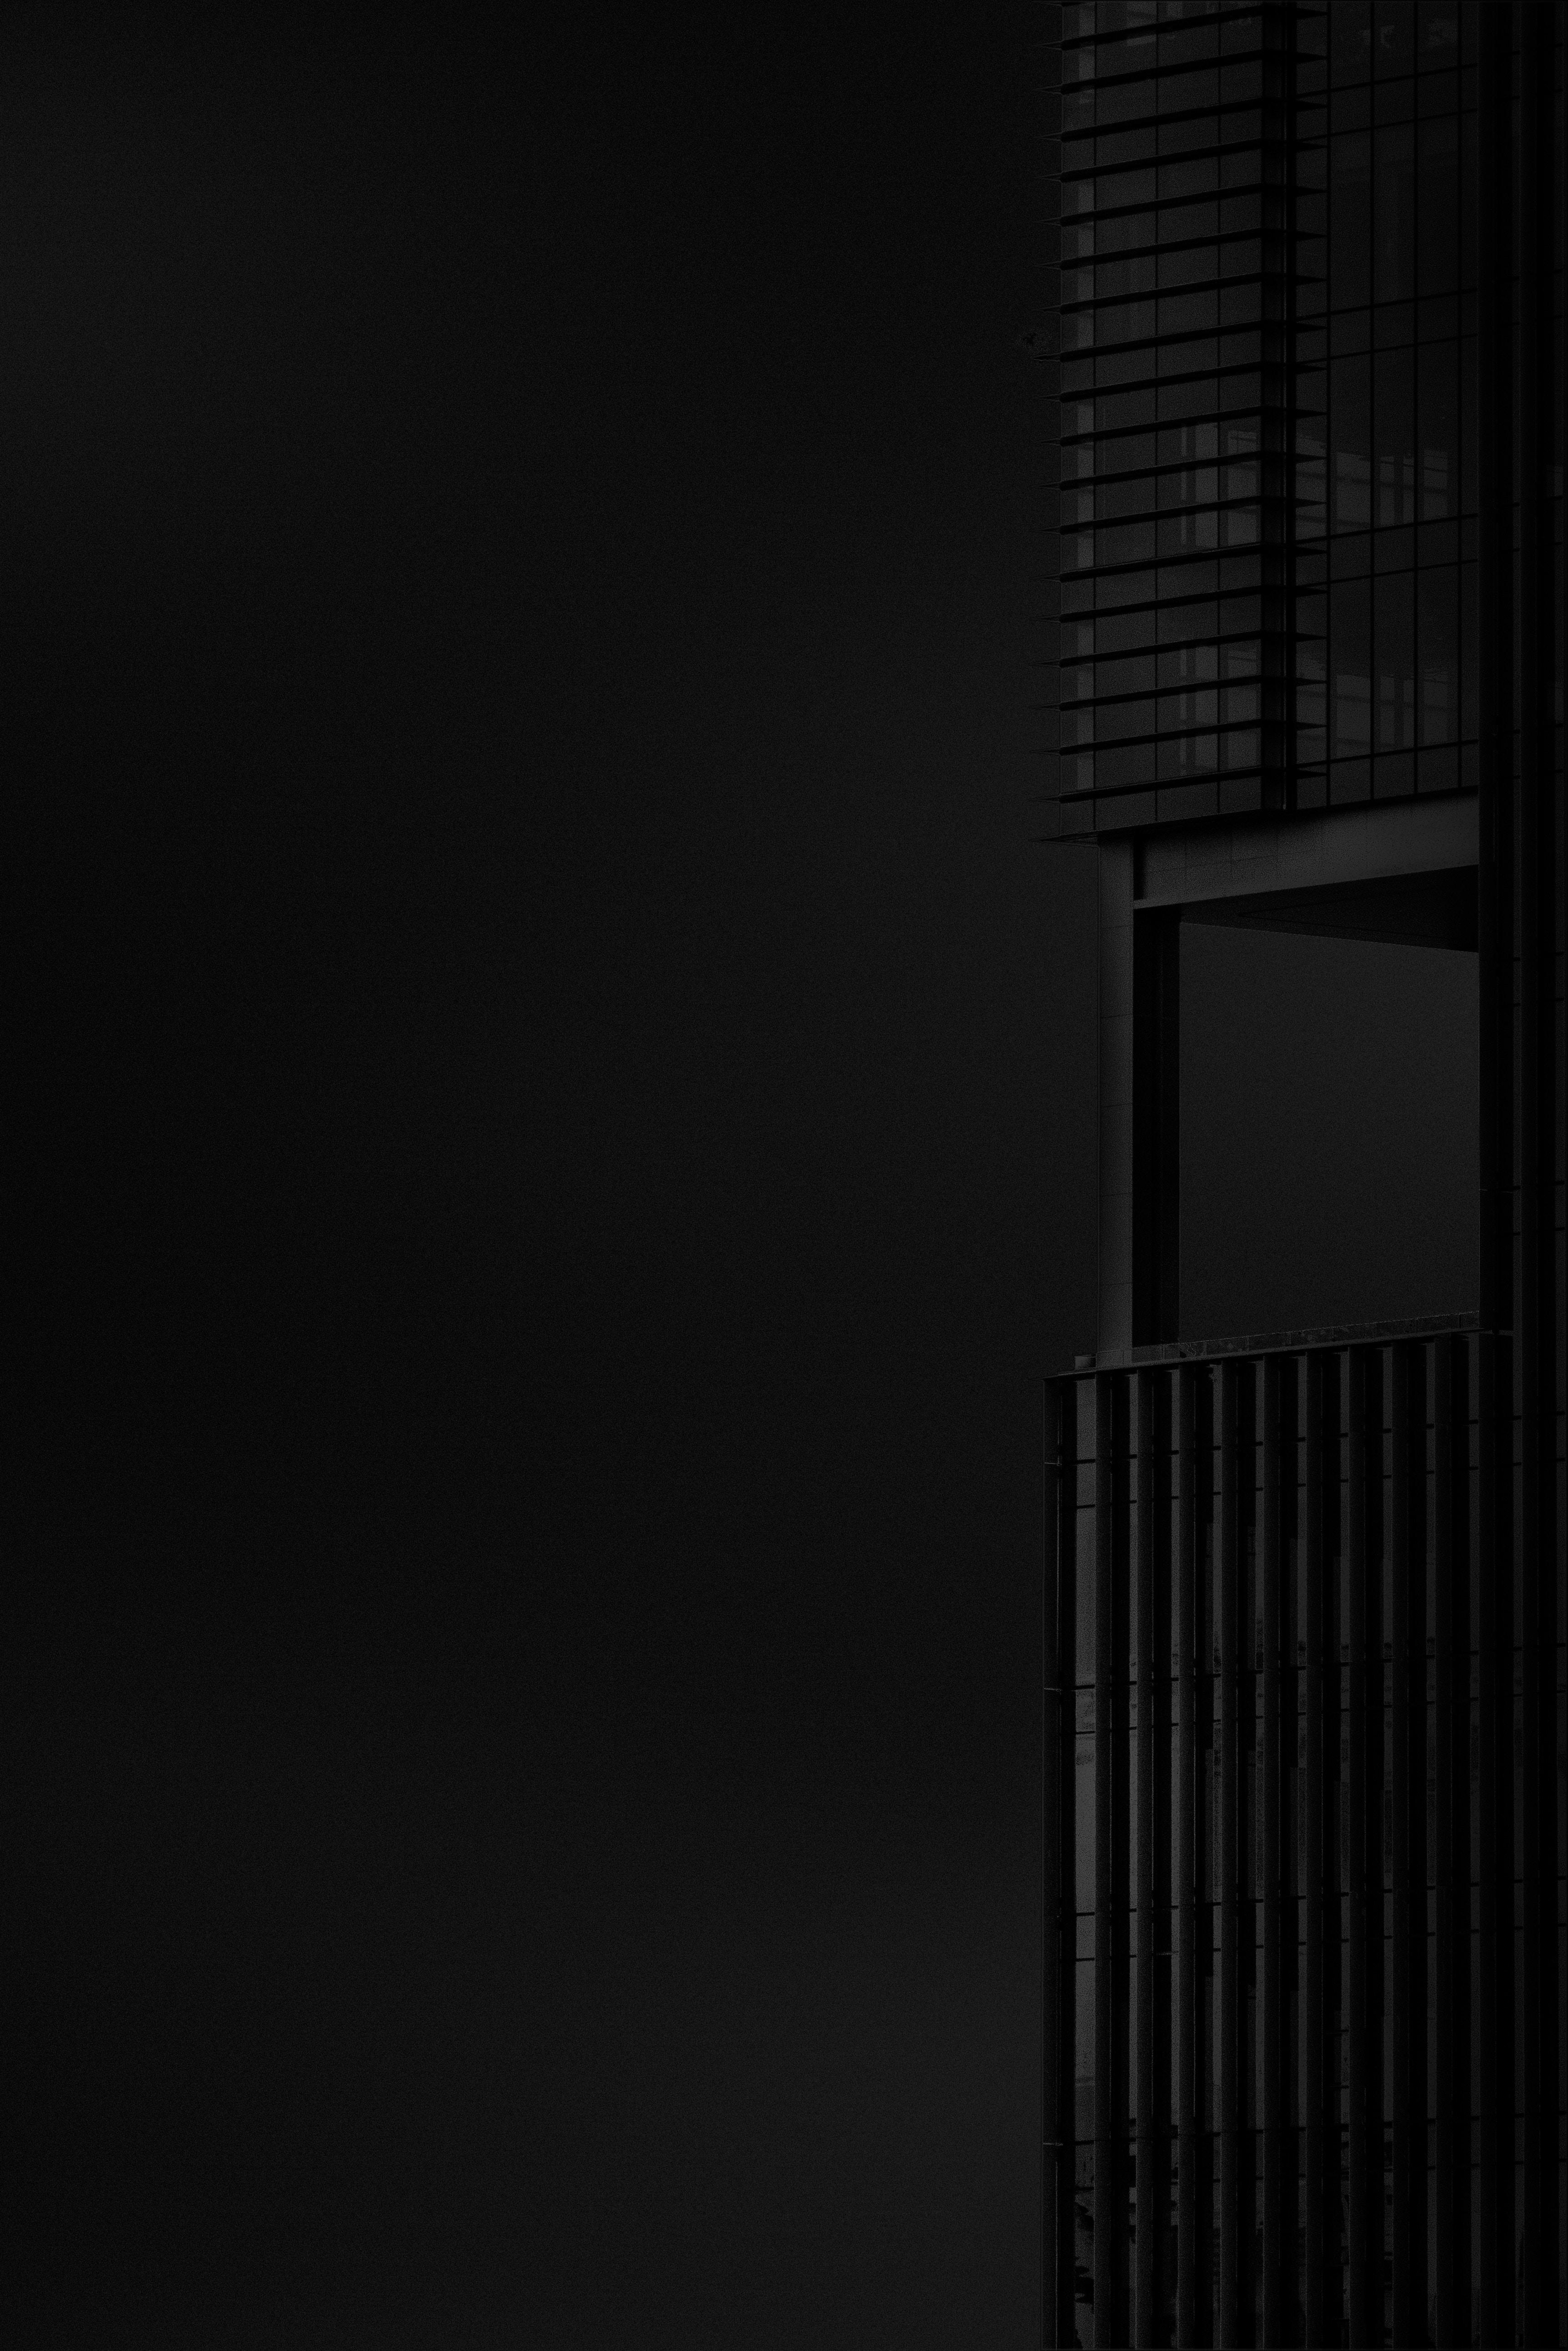 60871 Salvapantallas y fondos de pantalla Arquitectura en tu teléfono. Descarga imágenes de Minimalismo, Edificio, Bw, Chb, El Negro, Oscuro, Arquitectura gratis